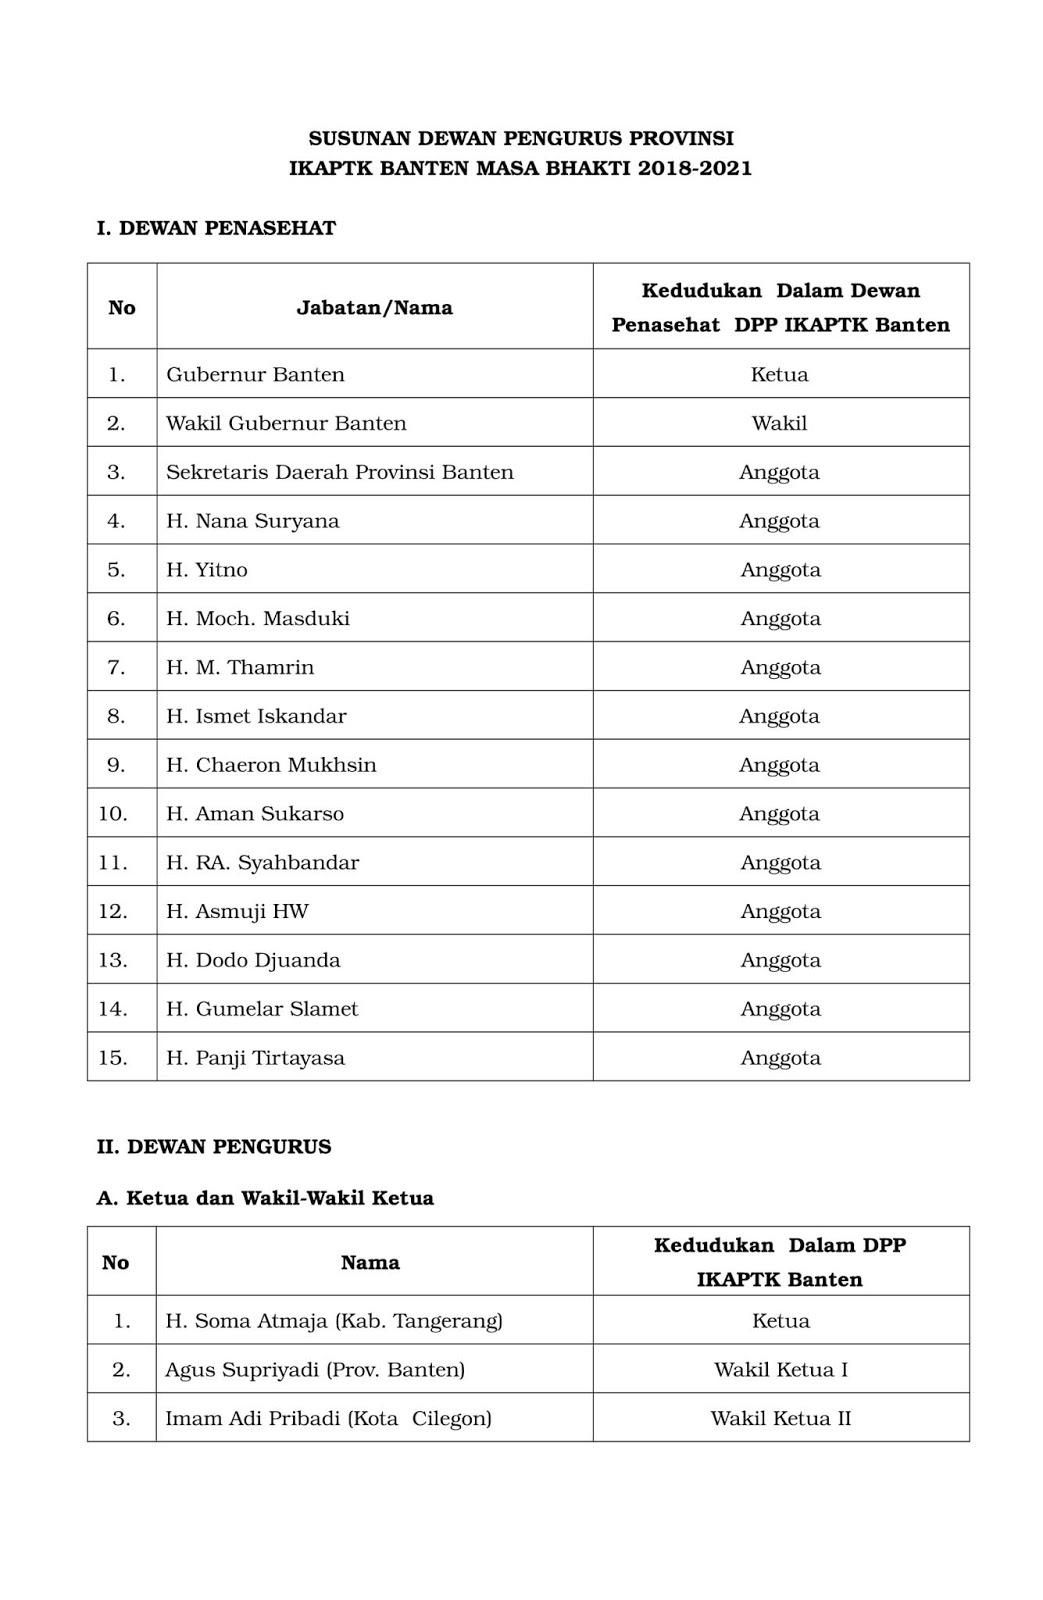 Susunan Pengurus DPP IKAPTK Provinsi Banten 2018-2023